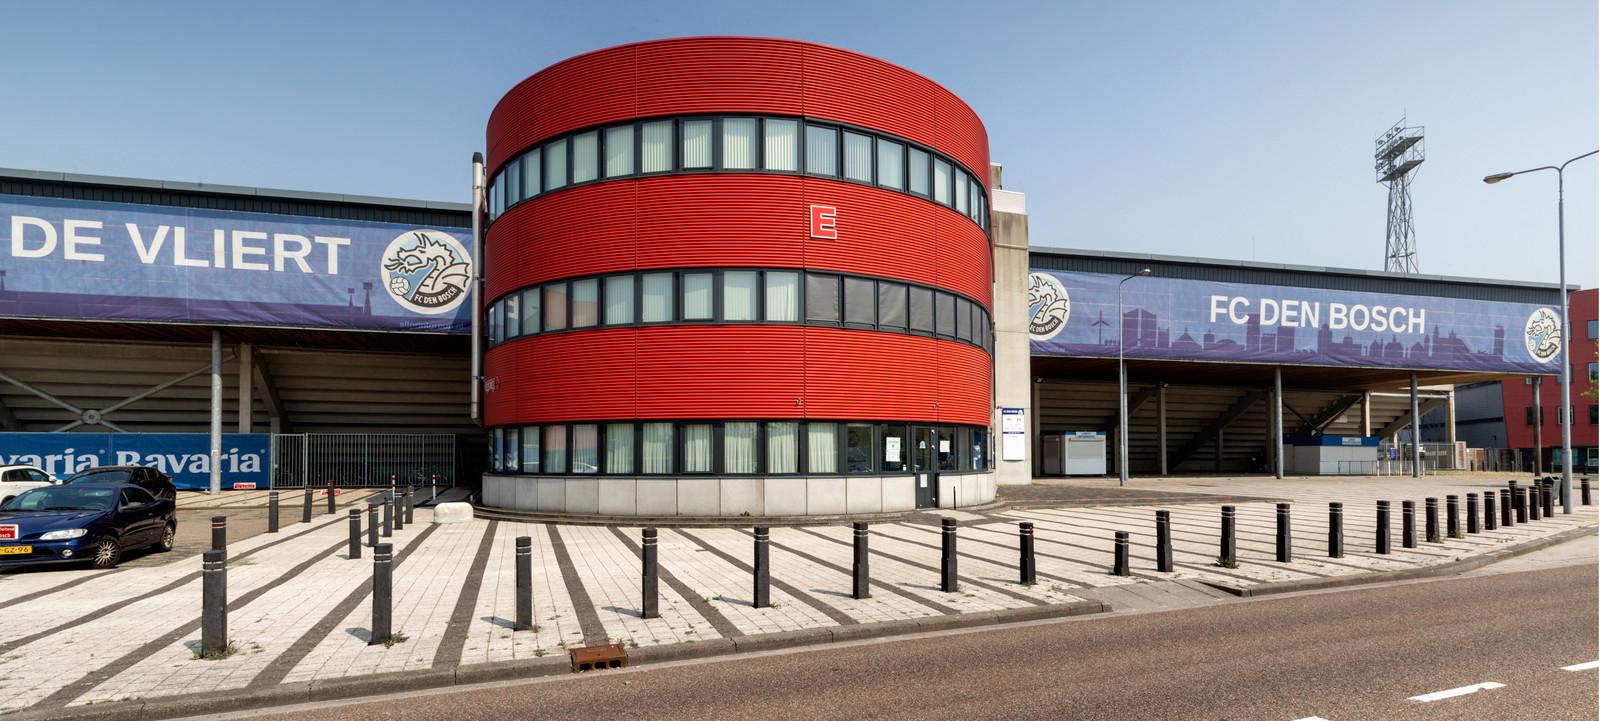 Stadion De Vliert gaat  bij de training daags voor de wedstrijd voortaan op slot.